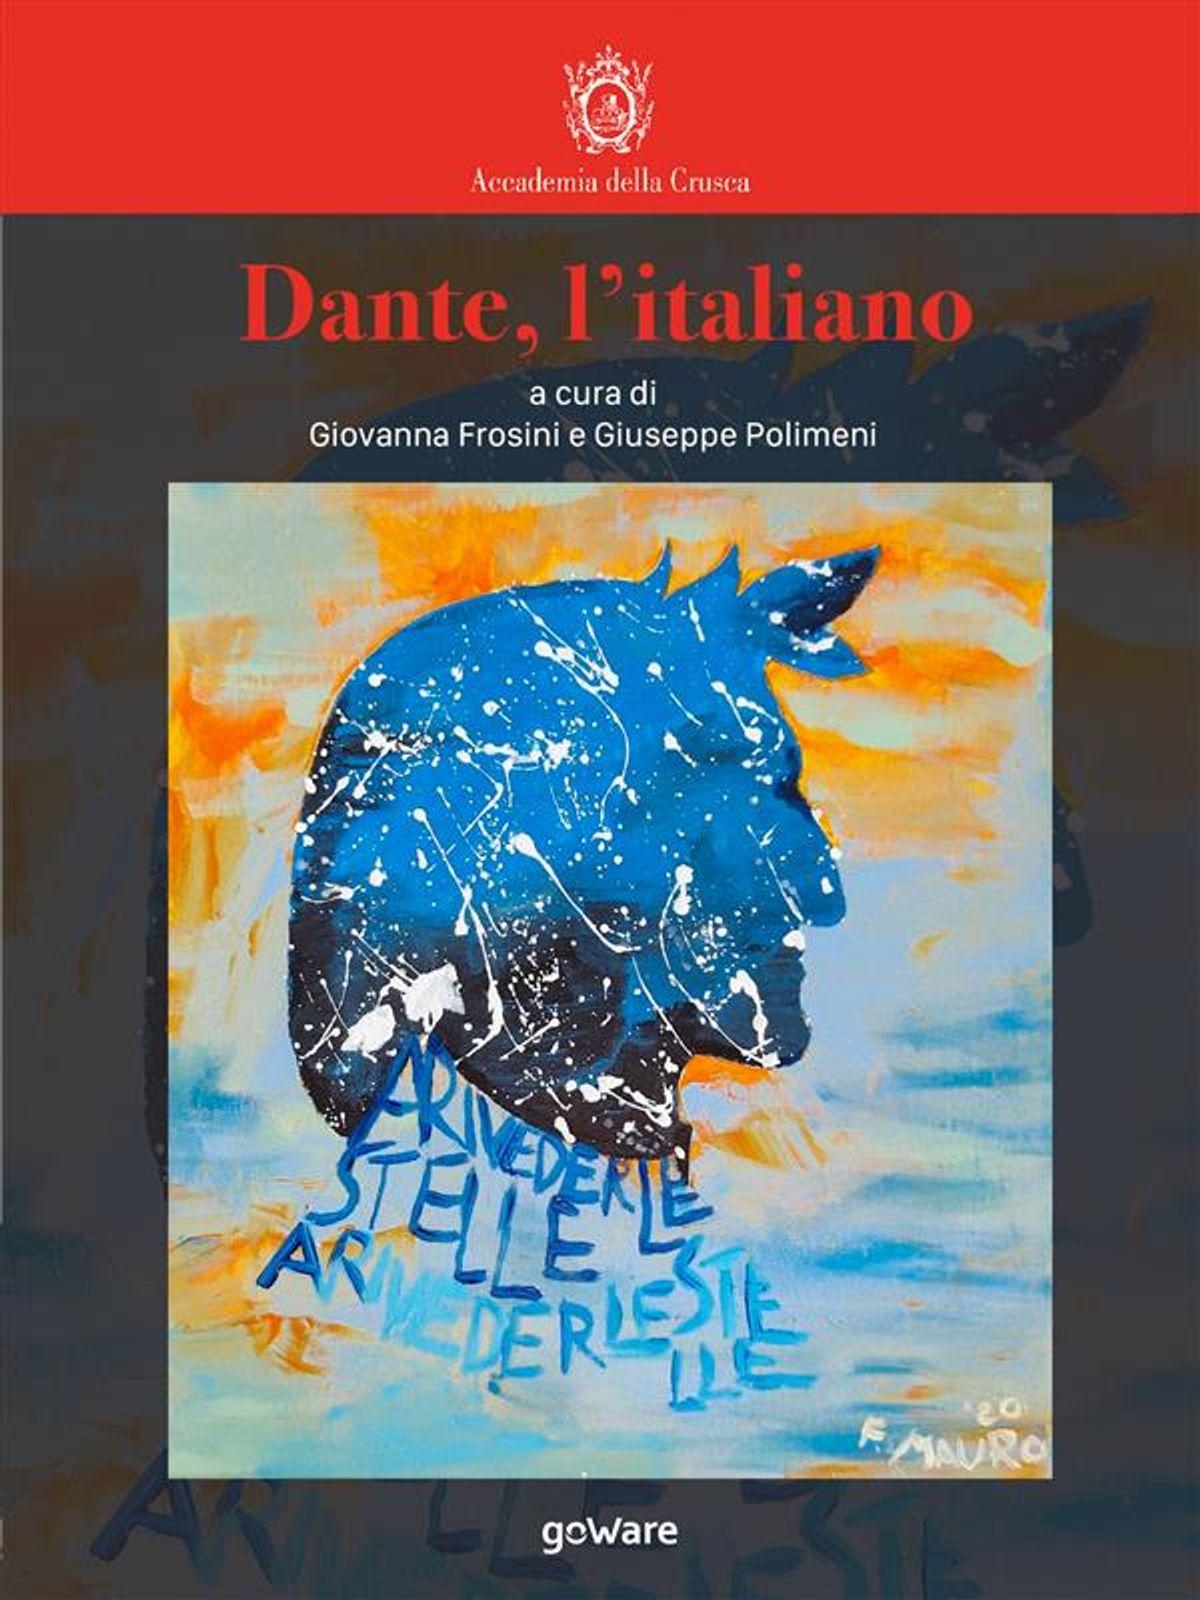 dante-l-italiano-cover-image-a-riveder-le-stelle-giovanna-frosini-giuseppe-polimeni